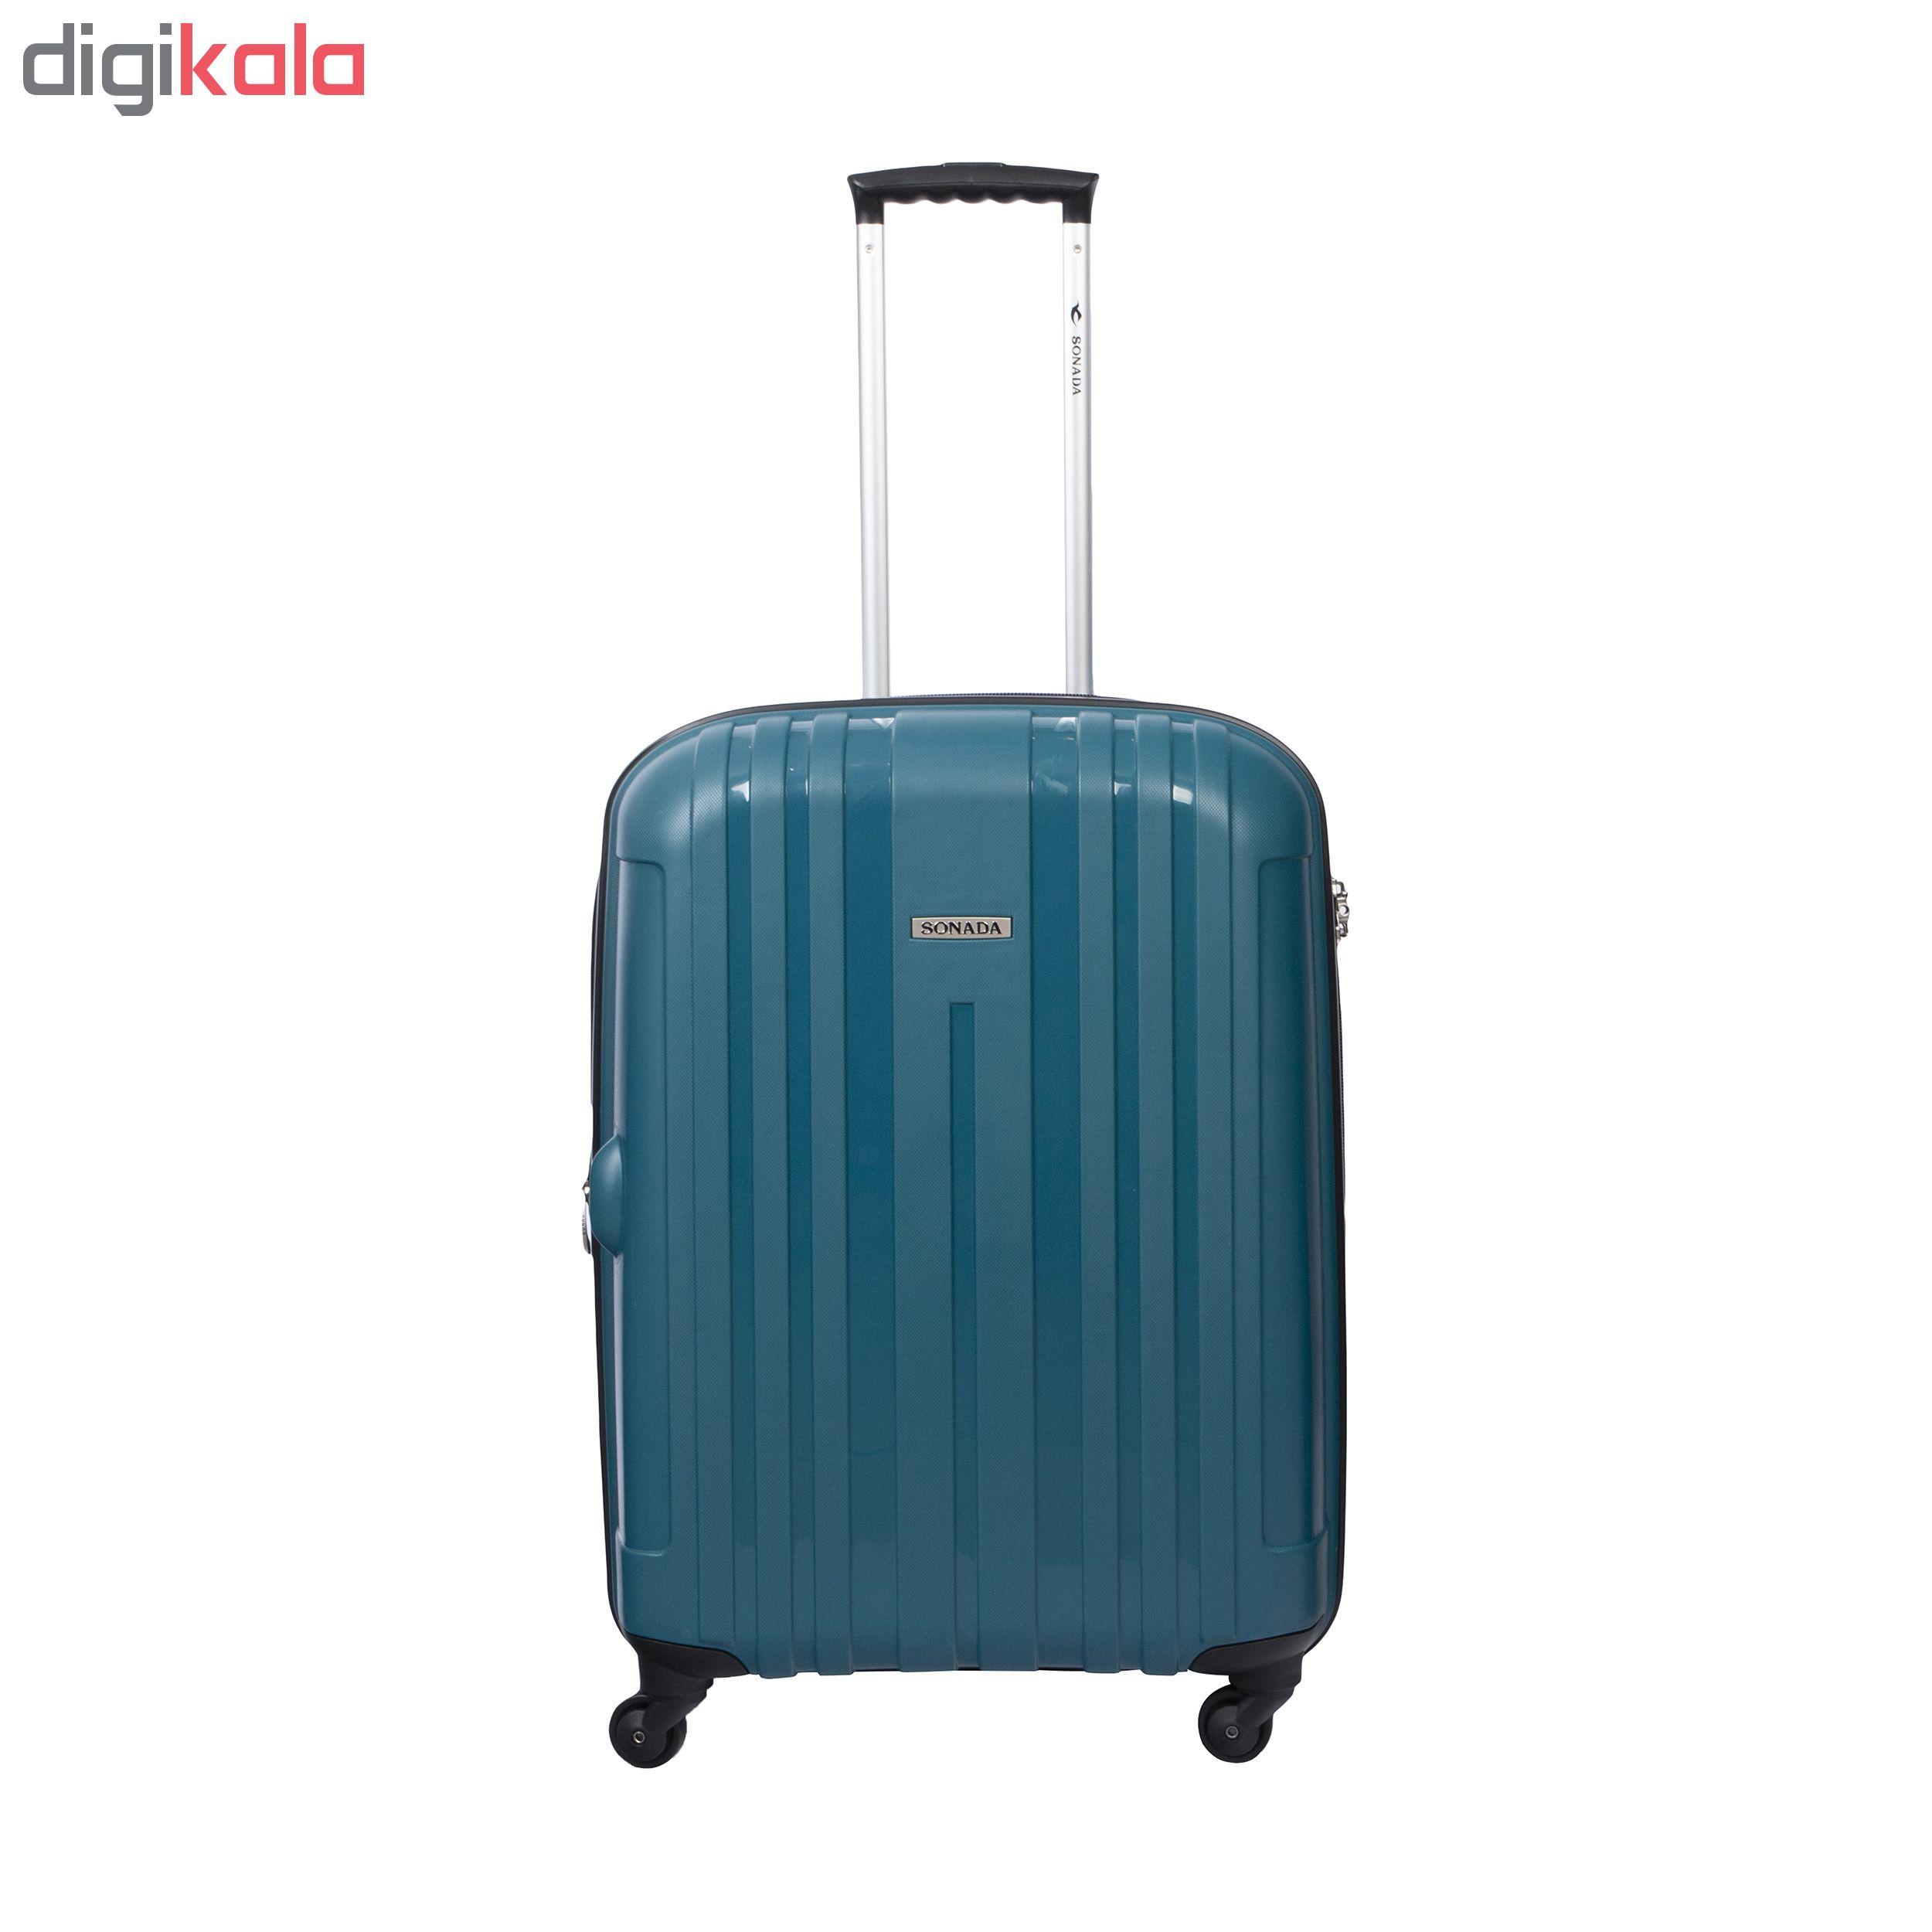 چمدان سونادا مدل 1004سایز متوسط